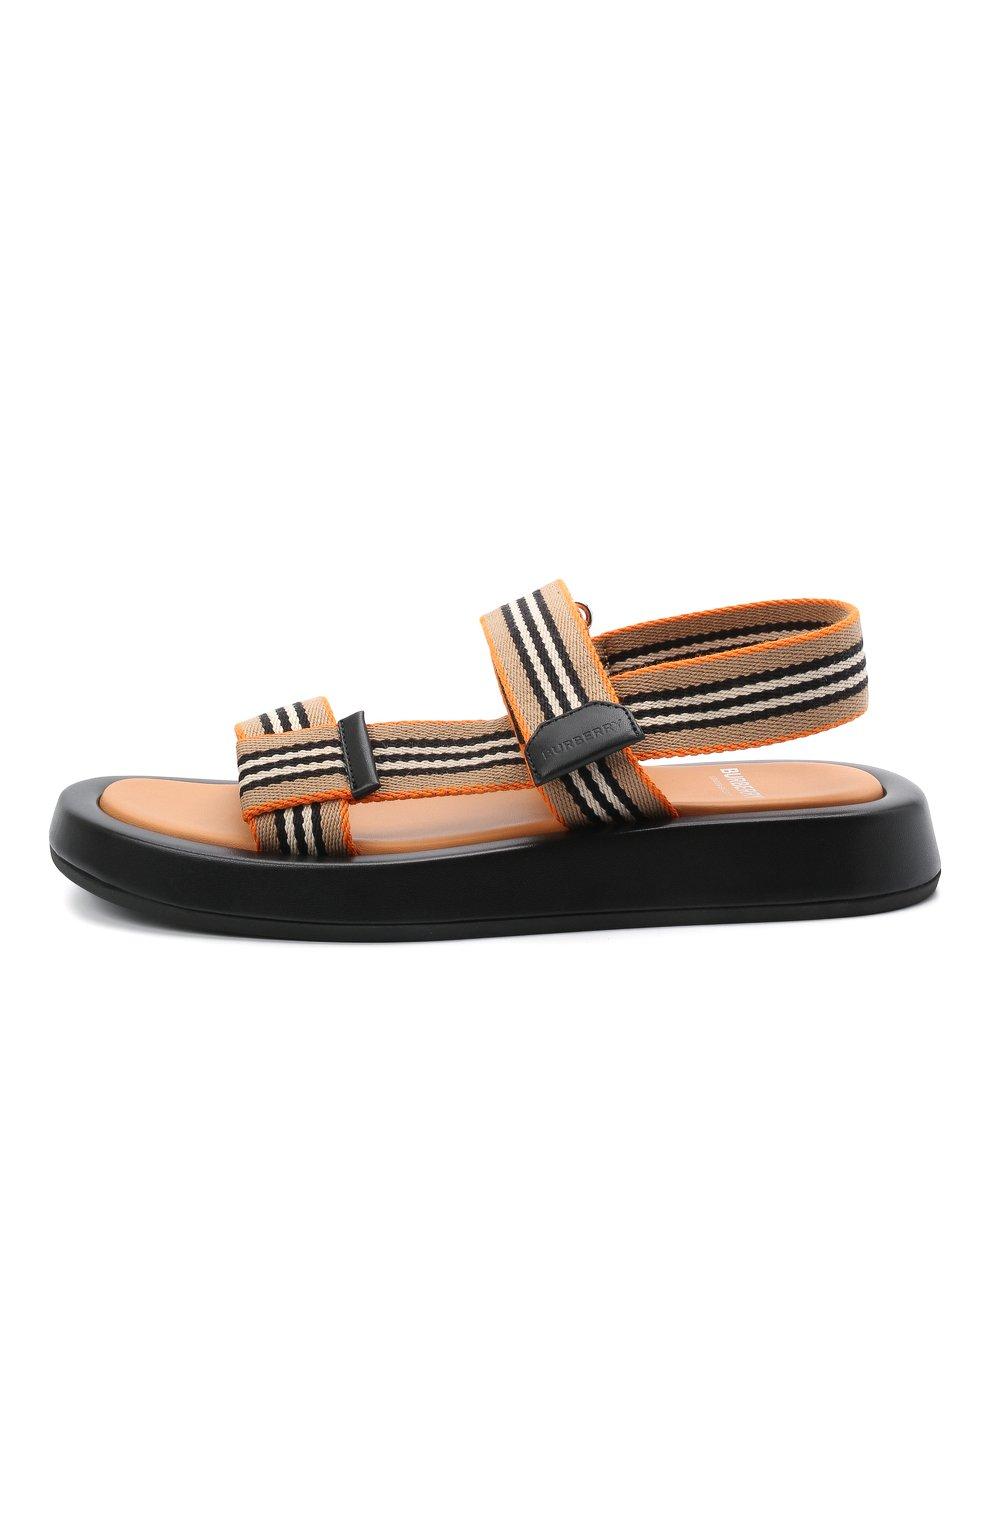 Женские комбинированные сандалии BURBERRY коричневого цвета, арт. 8040187   Фото 3 (Материал внешний: Текстиль; Подошва: Платформа; Материал внутренний: Натуральная кожа)